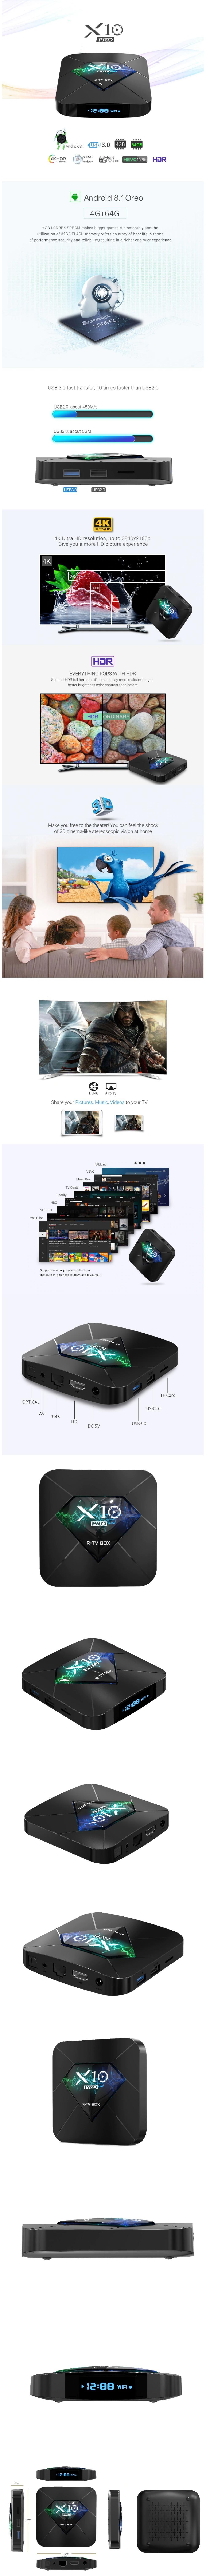 prezentare-R-TV-Box-X10-PRO-64321811f786c41344.png